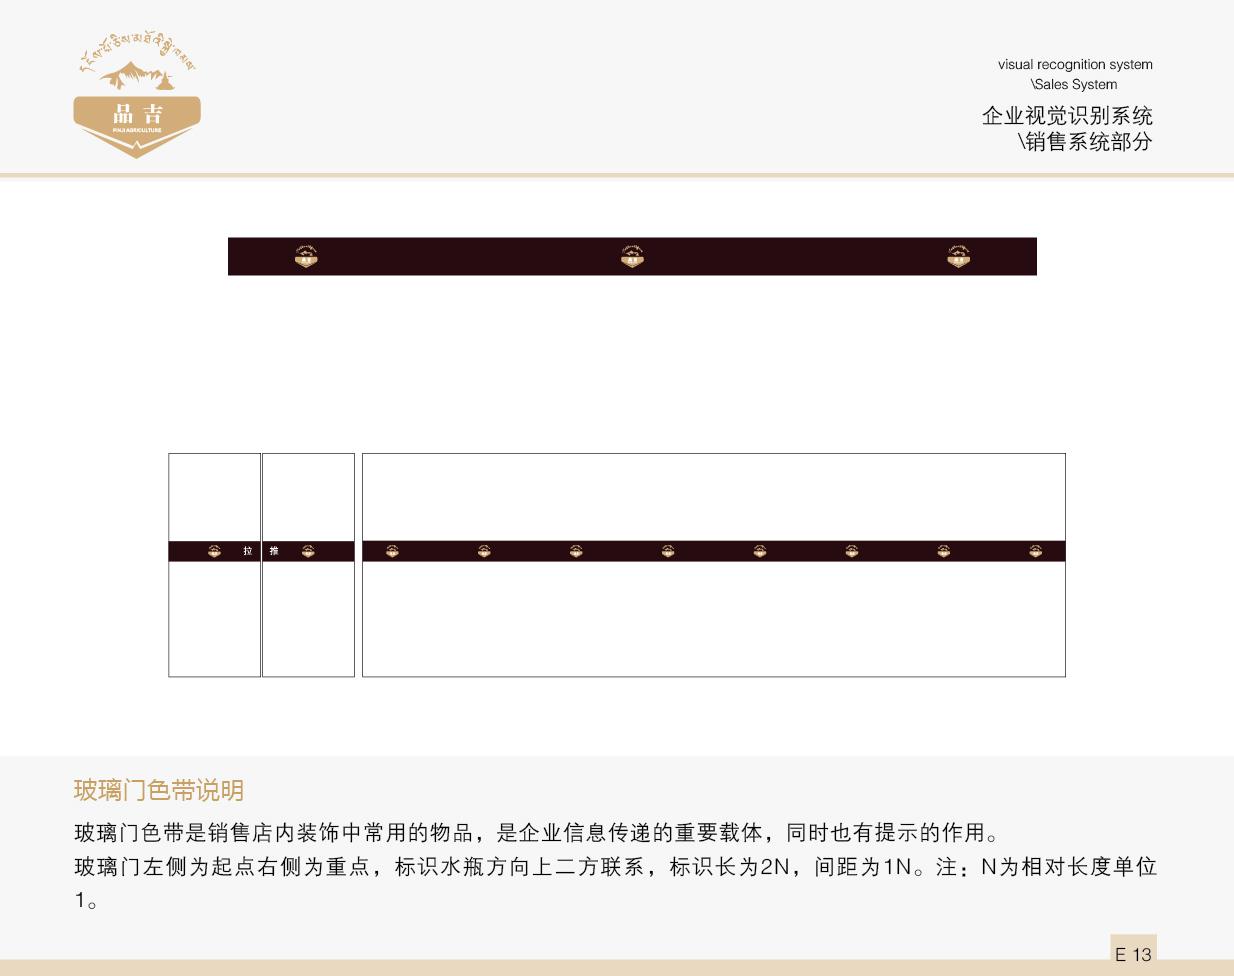 品吉农业VI 销售系统部分  客户资料  第14张